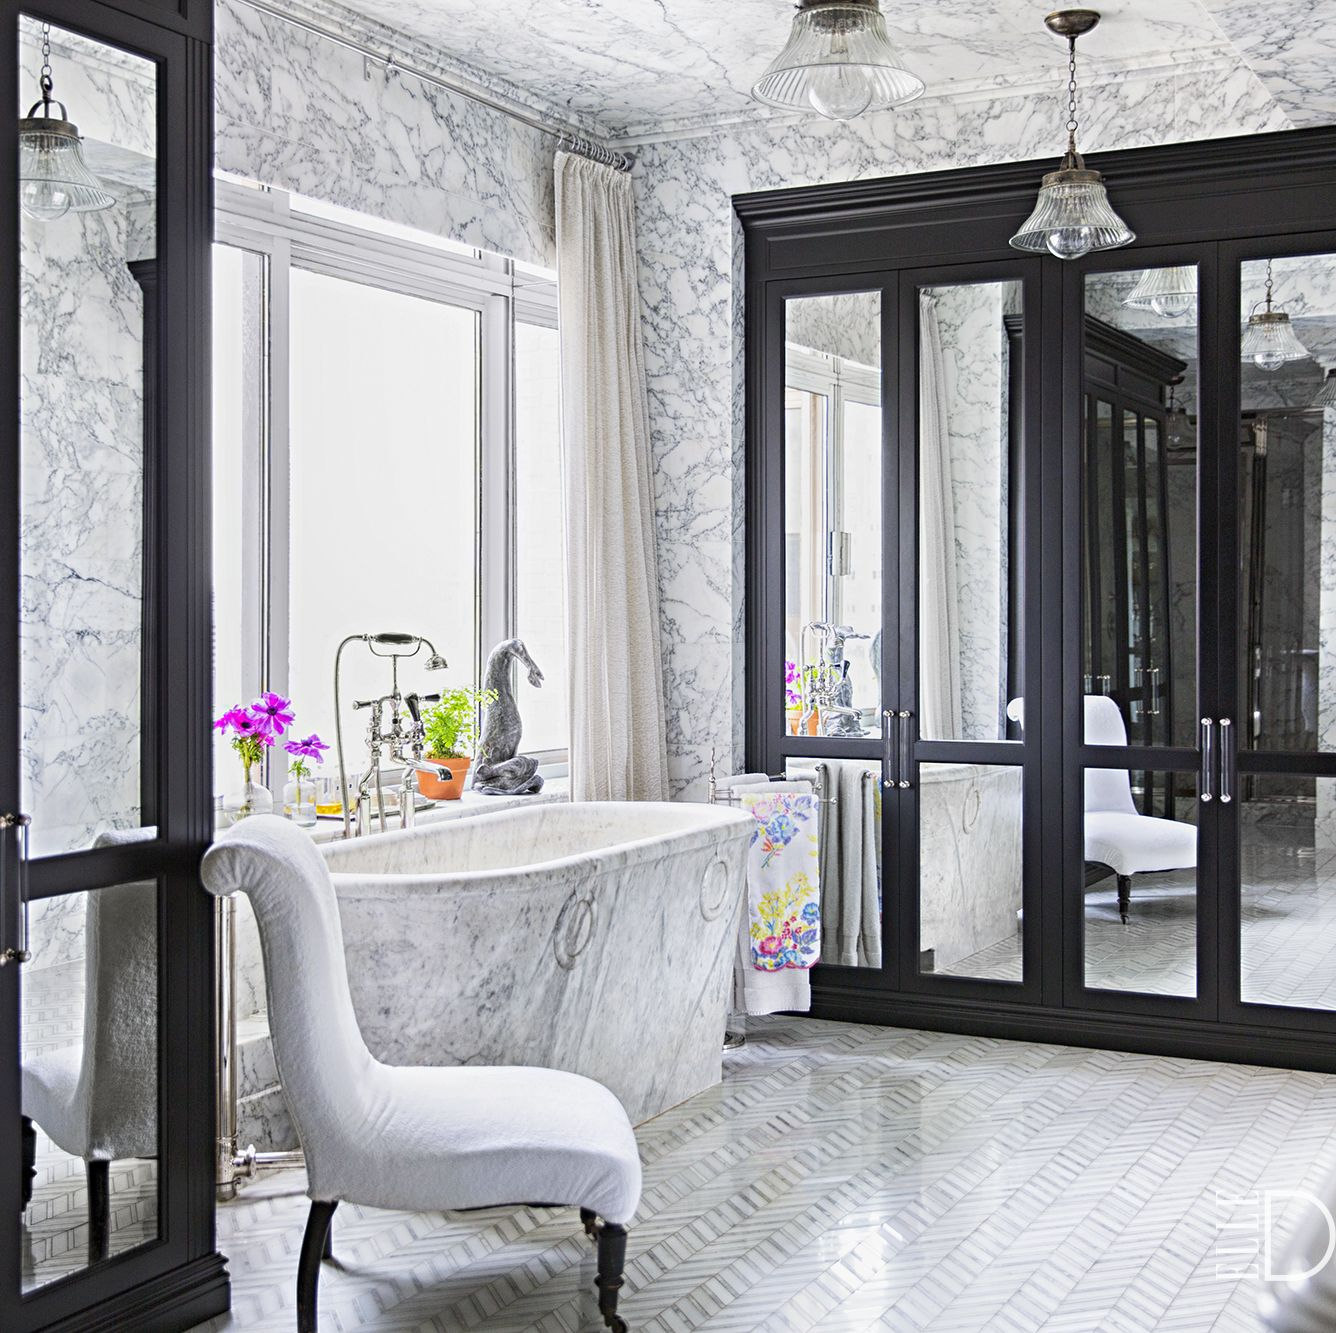 Interior Design Trends Amazing Interior Design Trends  Home Decorating Trends Design Decoration